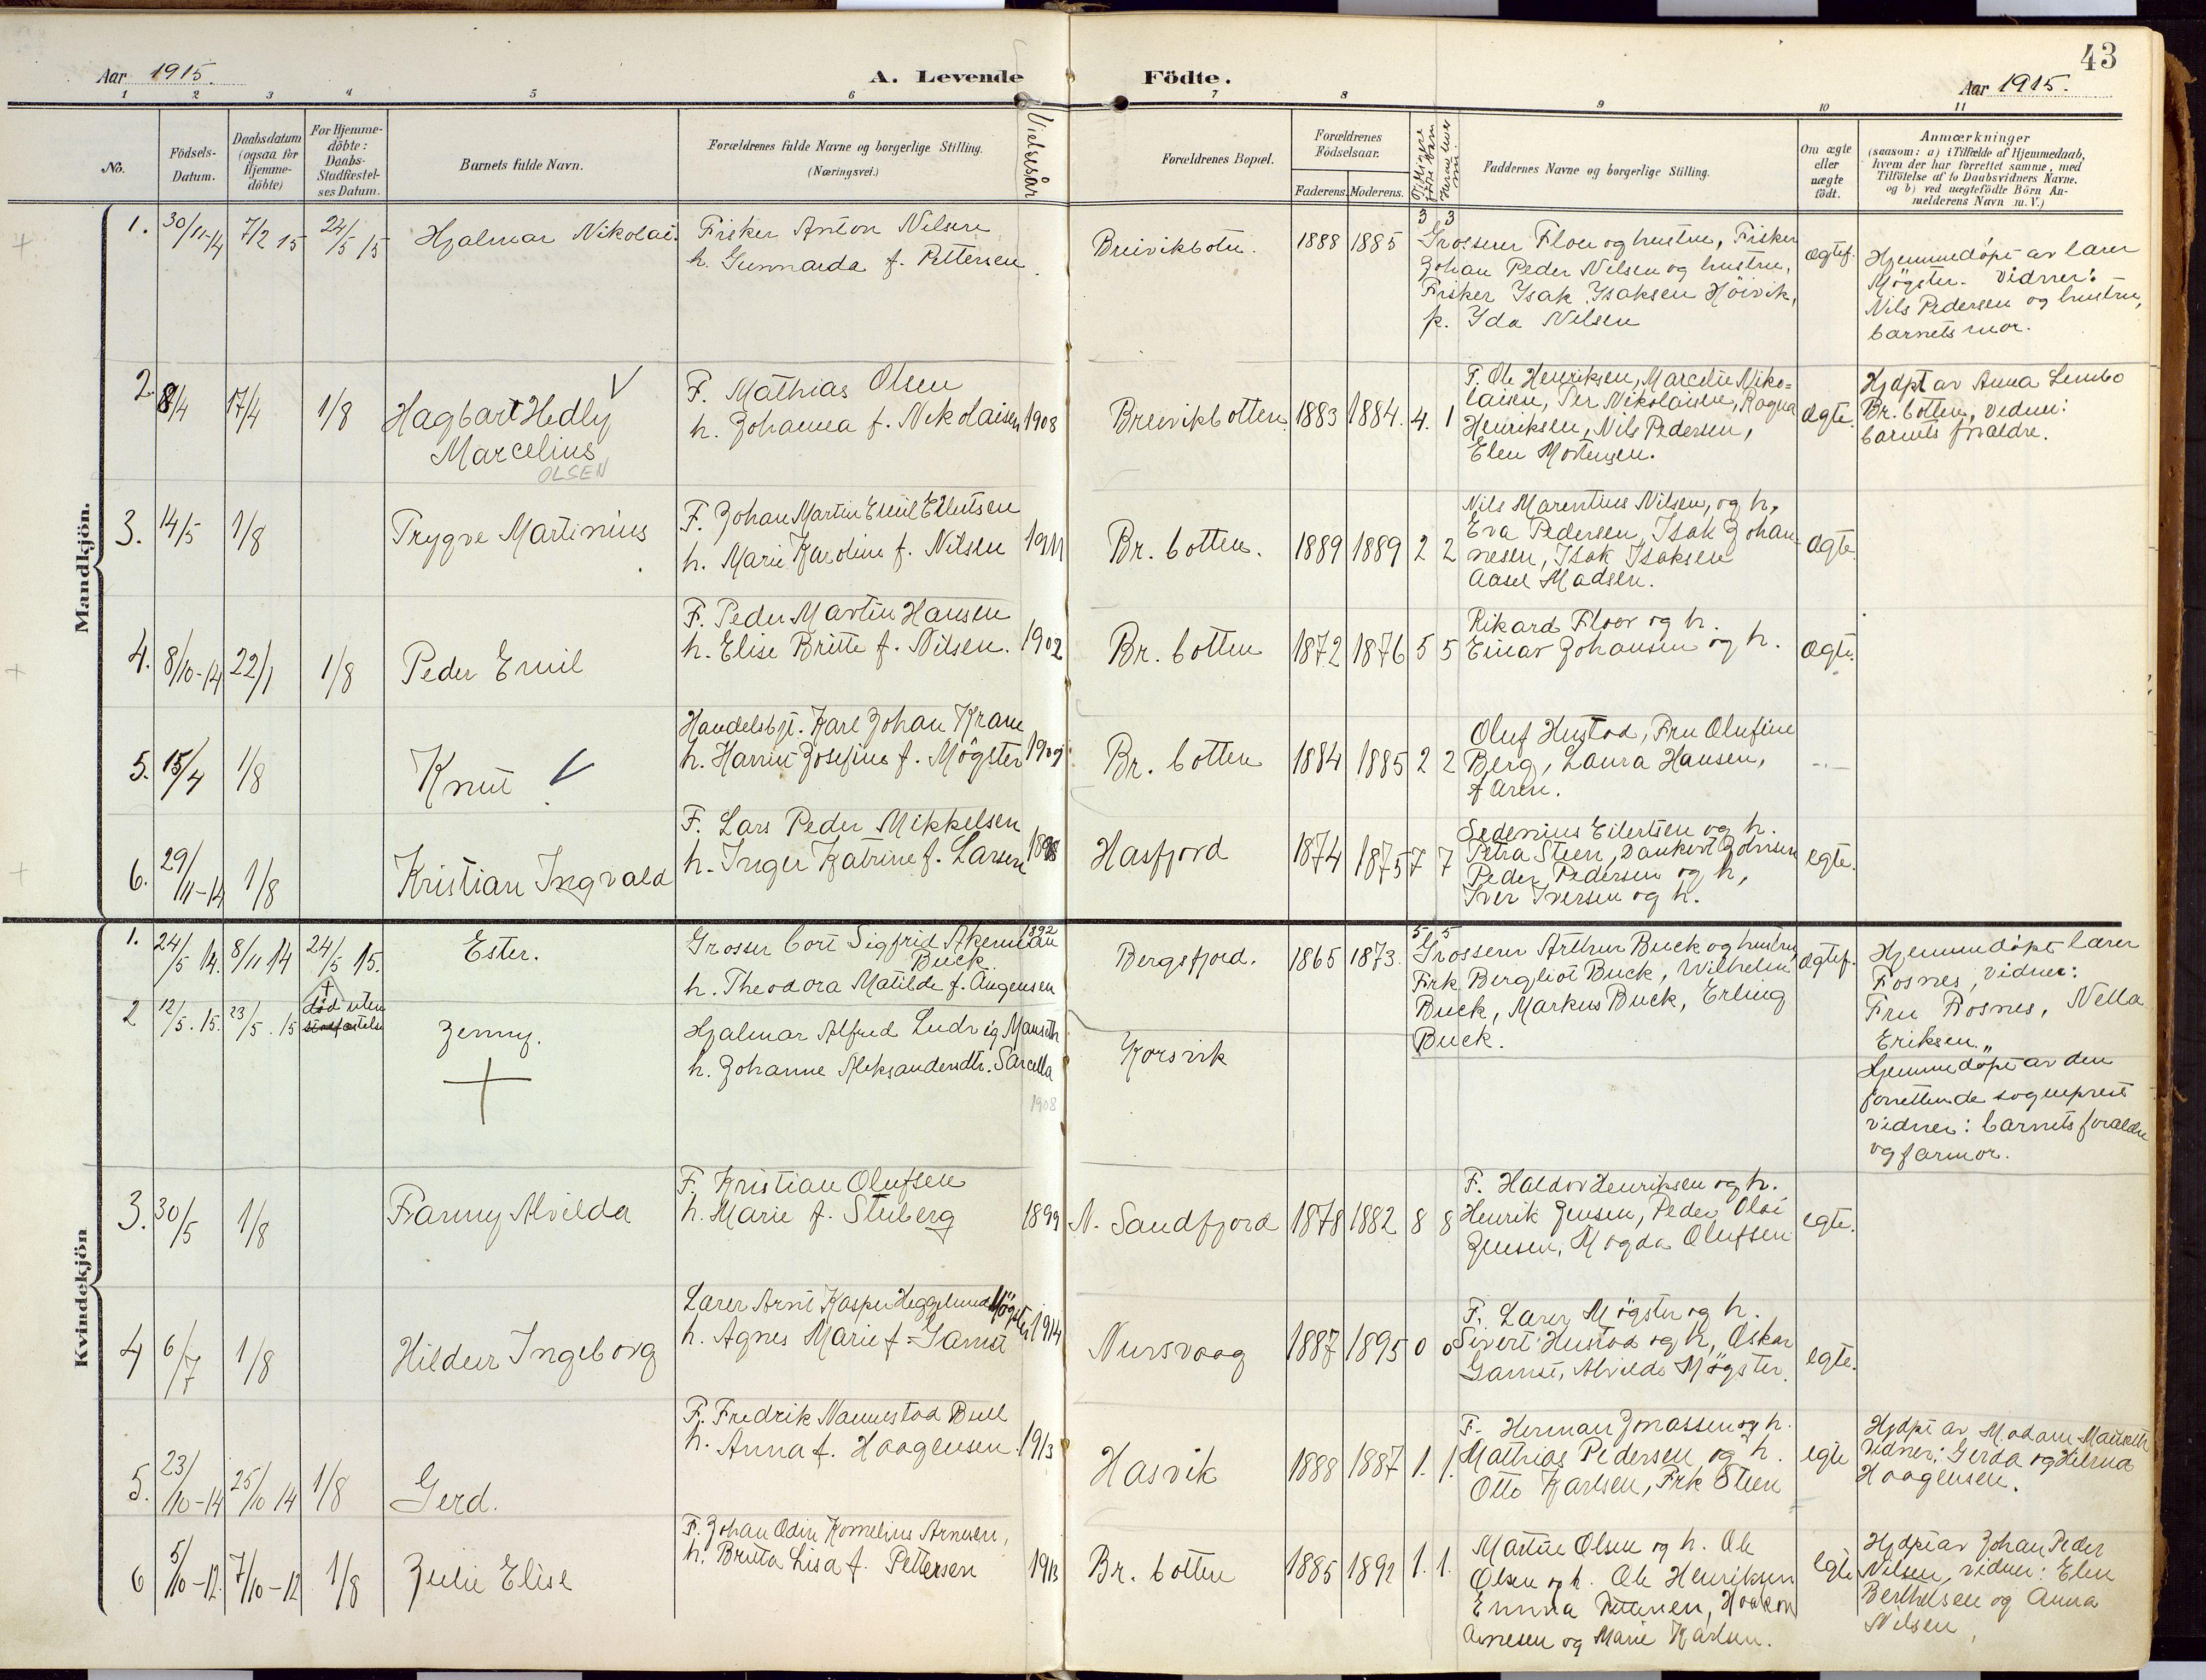 SATØ, Loppa sokneprestkontor, H/Ha/L0010kirke: Ministerialbok nr. 10, 1907-1922, s. 43